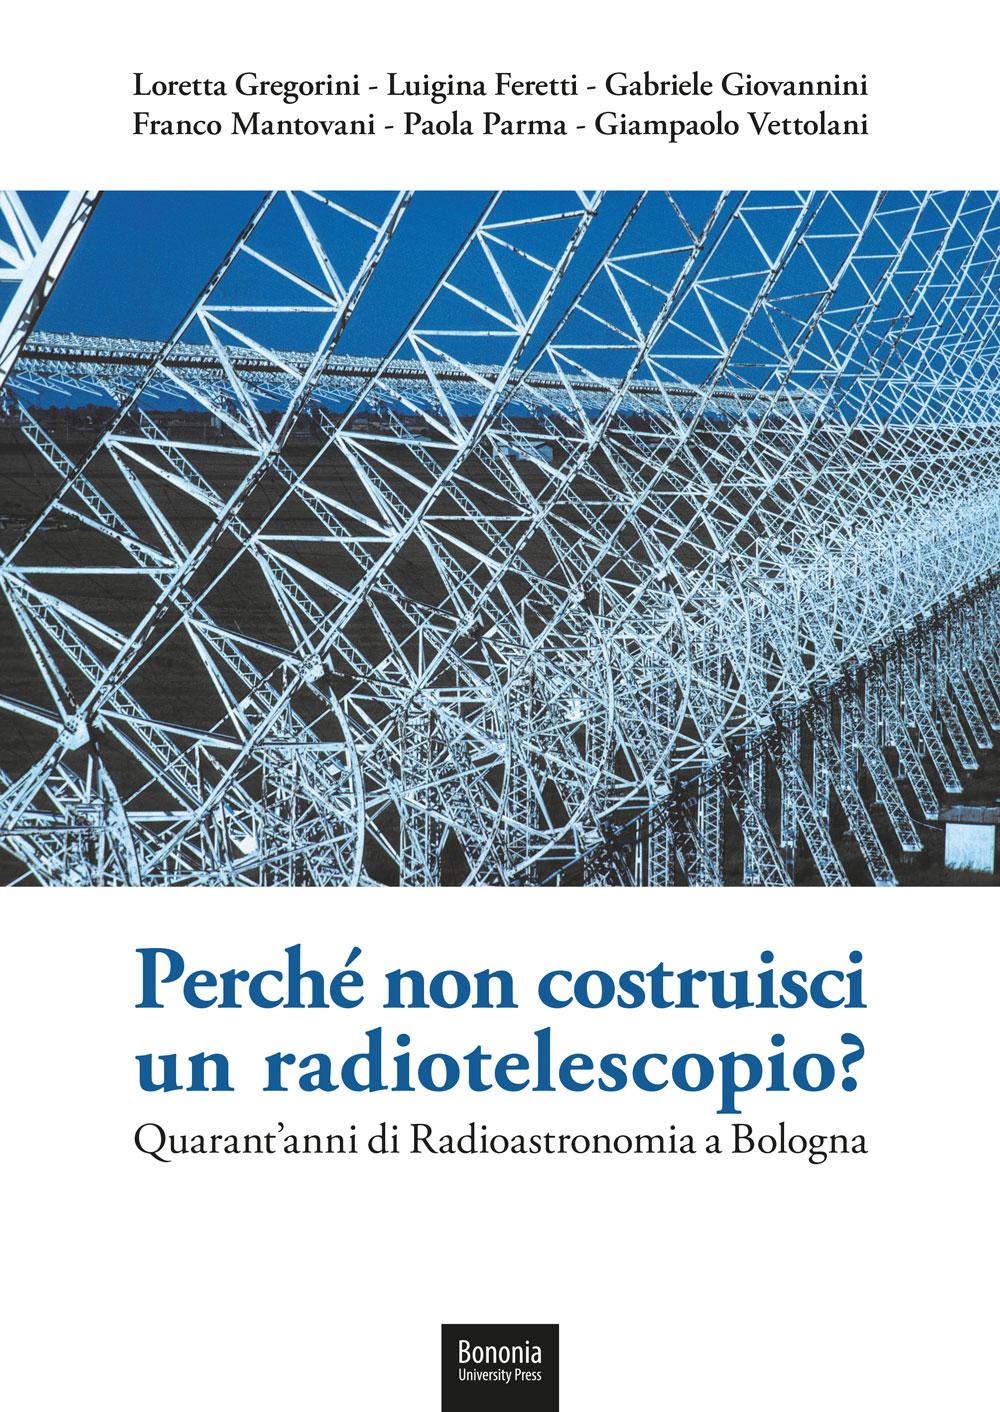 Perché non costruisci un radiotelescopio? - Bononia University Press